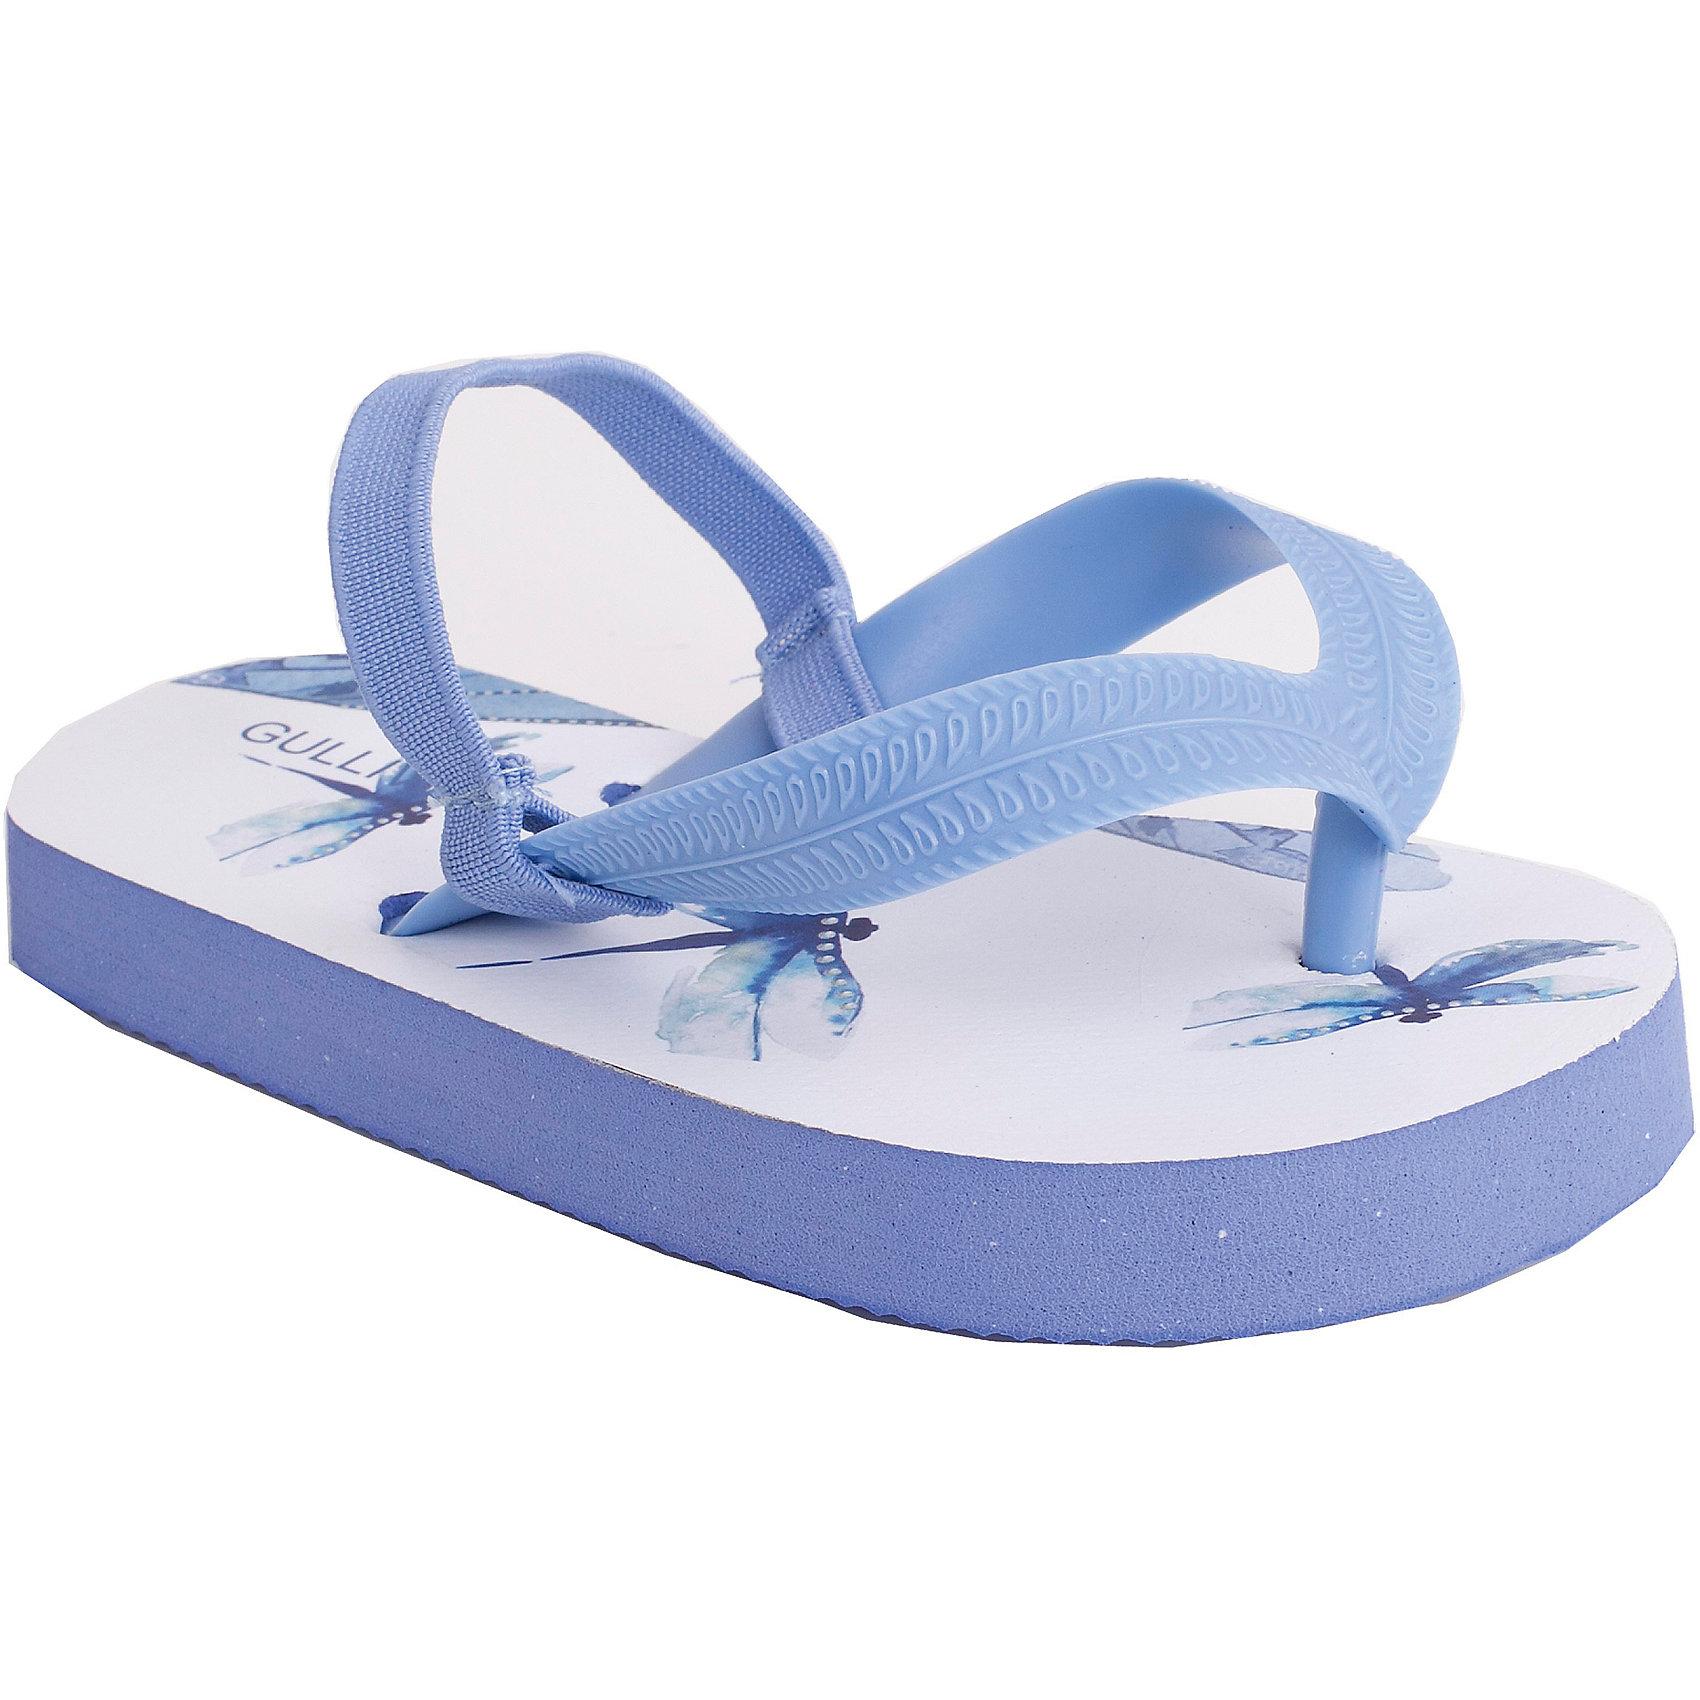 Gulliver Обувь пляжная для девочки Gulliver пляжная обувь peppa pig пляжная обувь